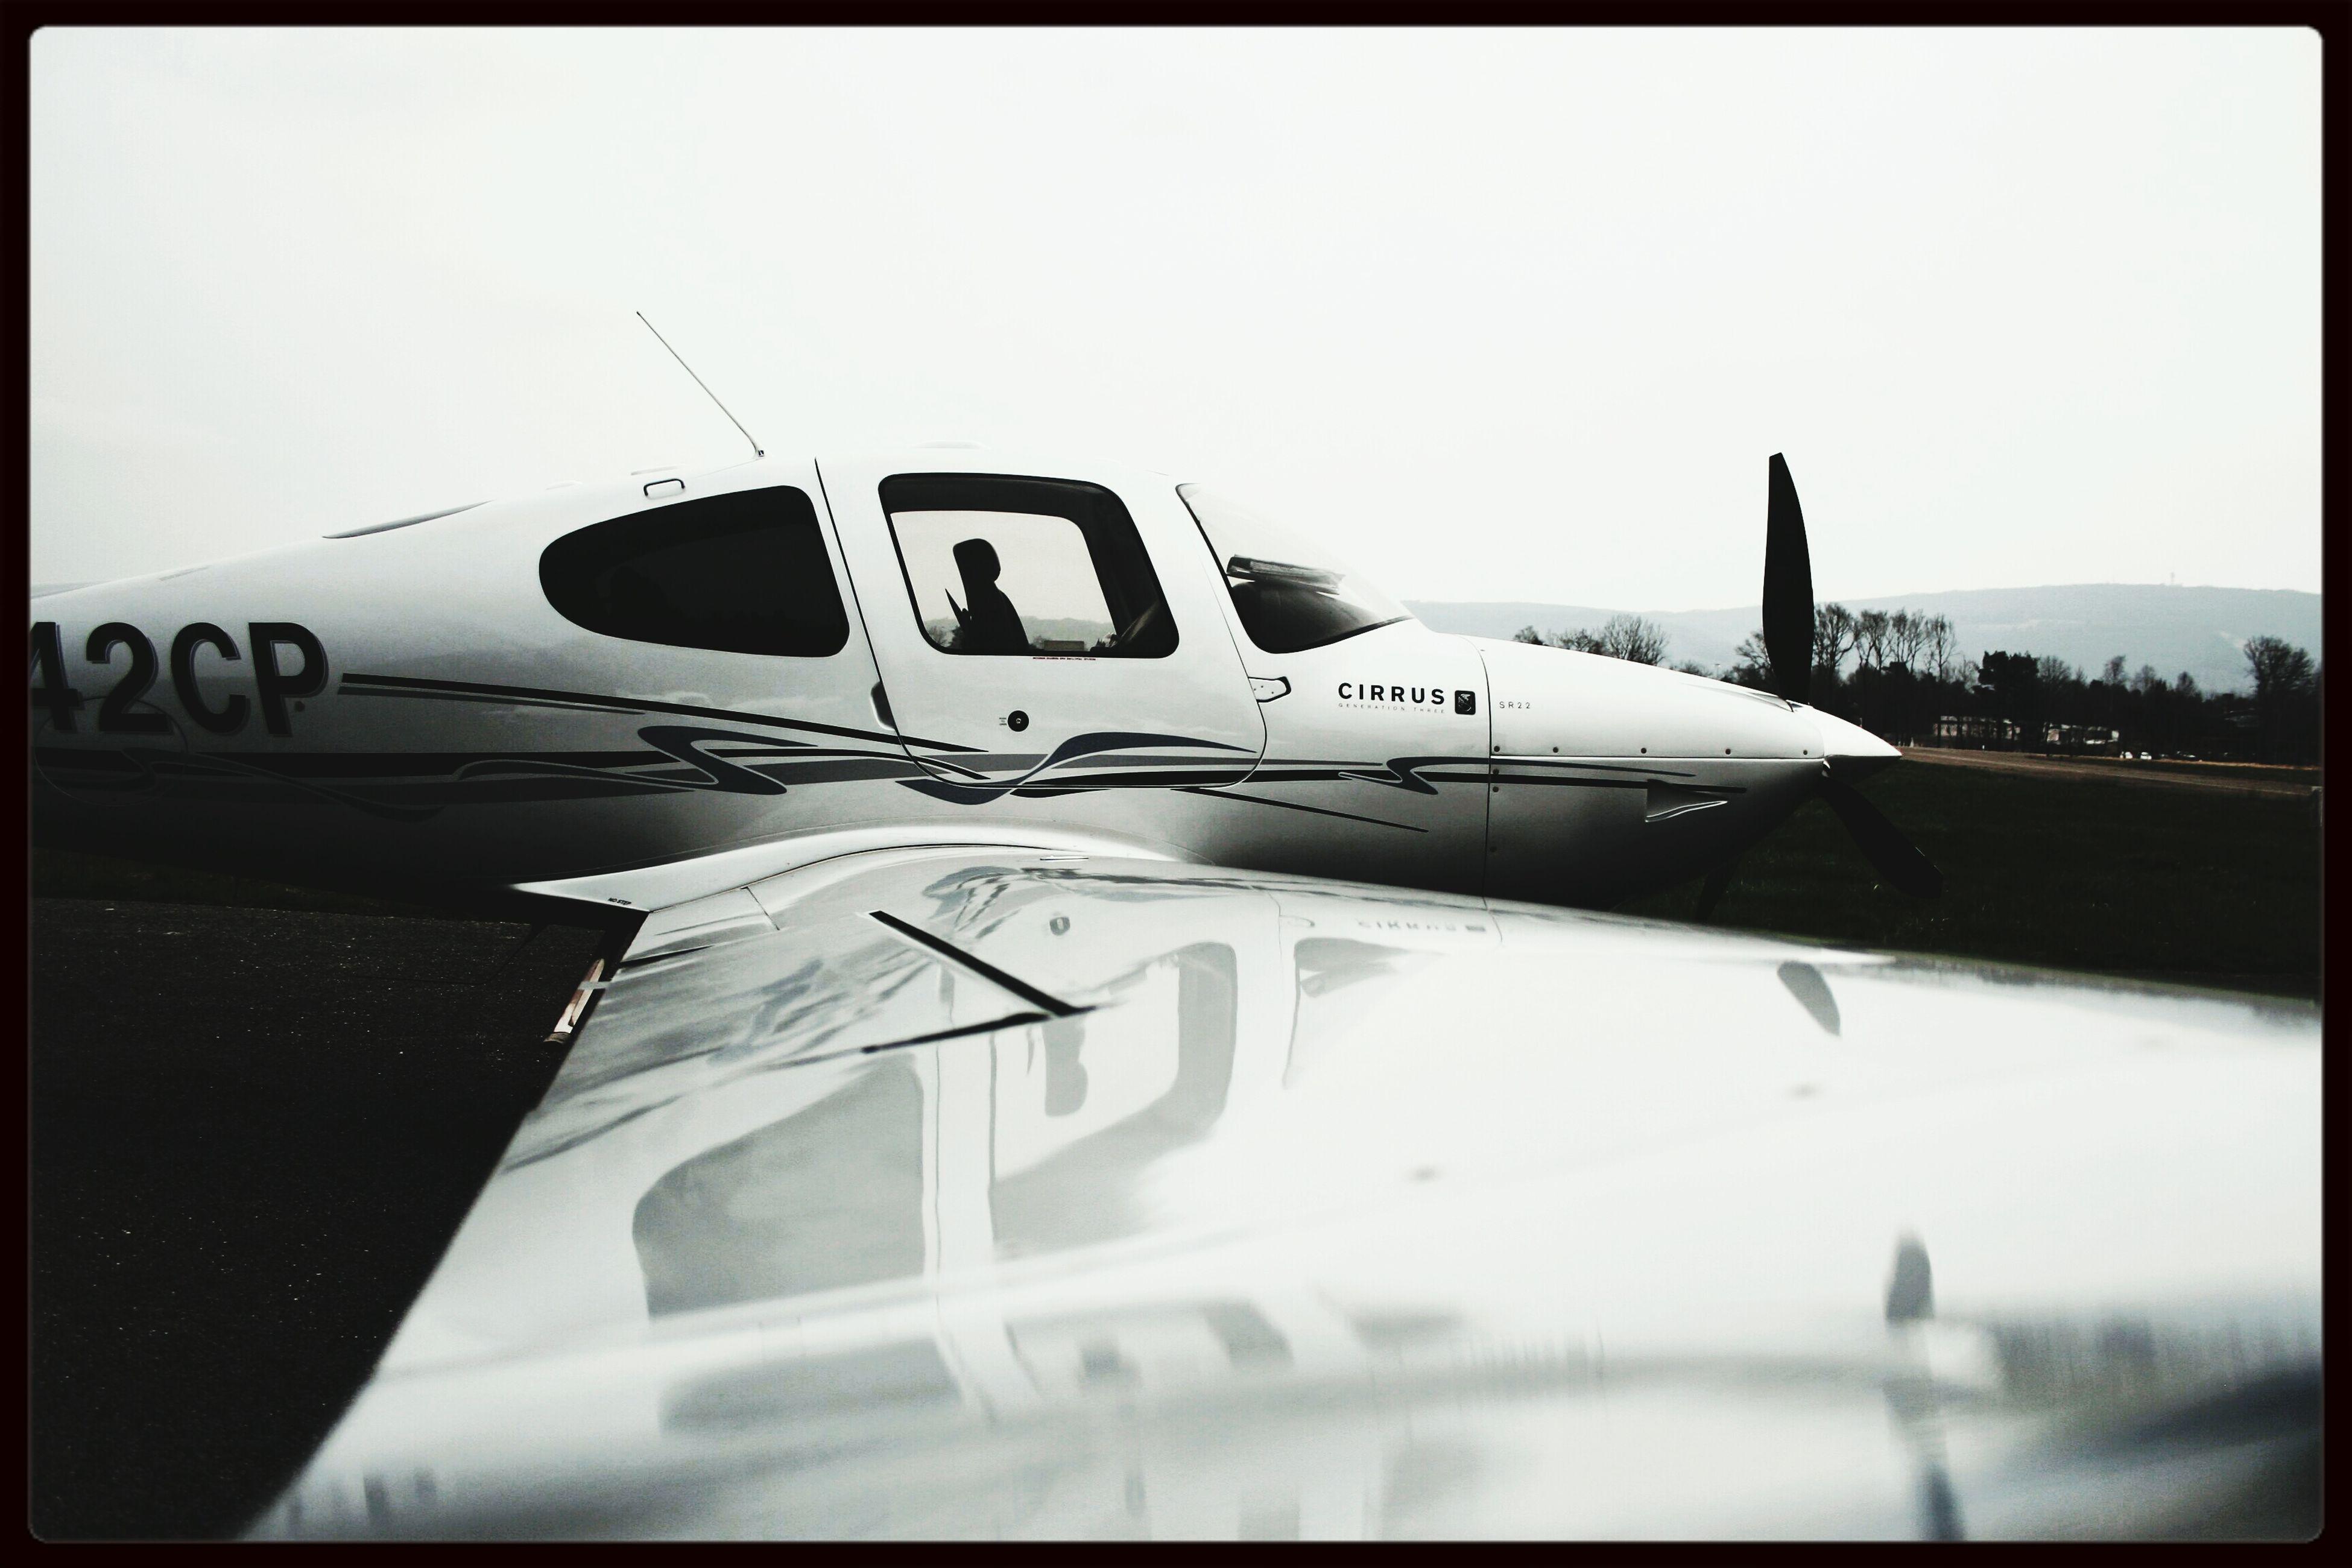 Cirrus SR22 Plane Beautiful Airport Cirrus